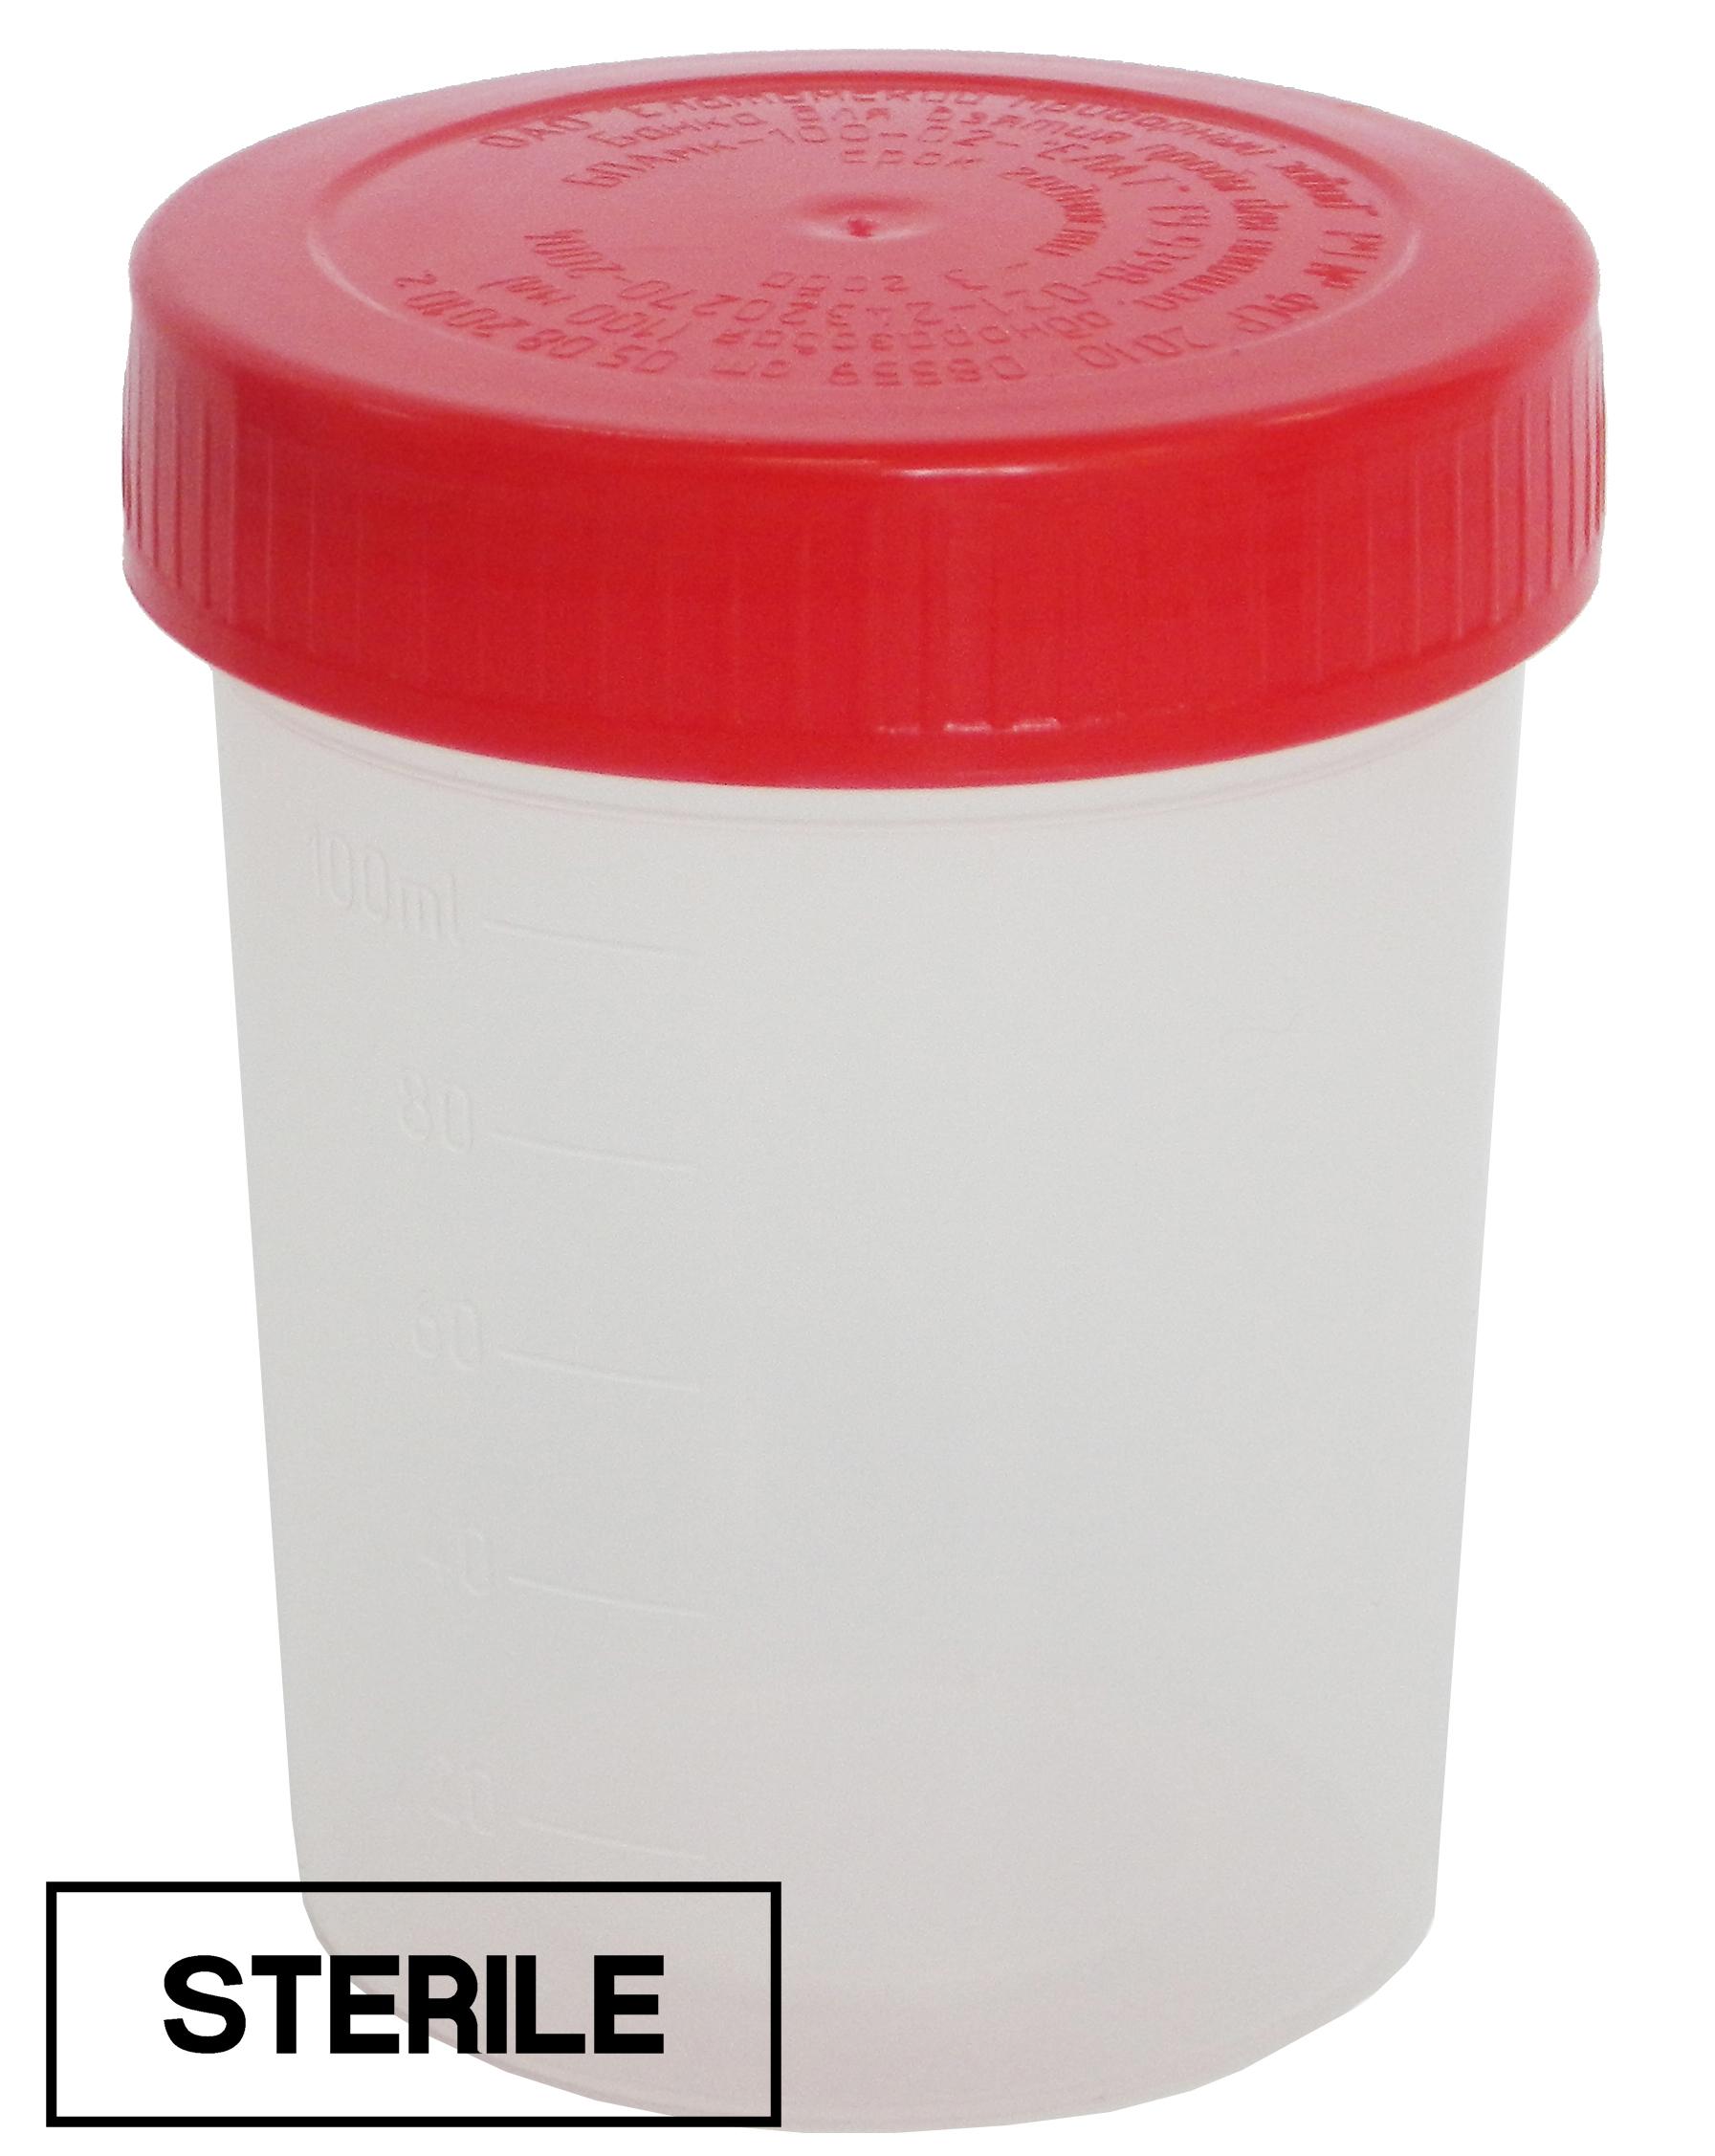 Купить Контейнер для биоматериала Еламед стерильный полимерный 100 мл